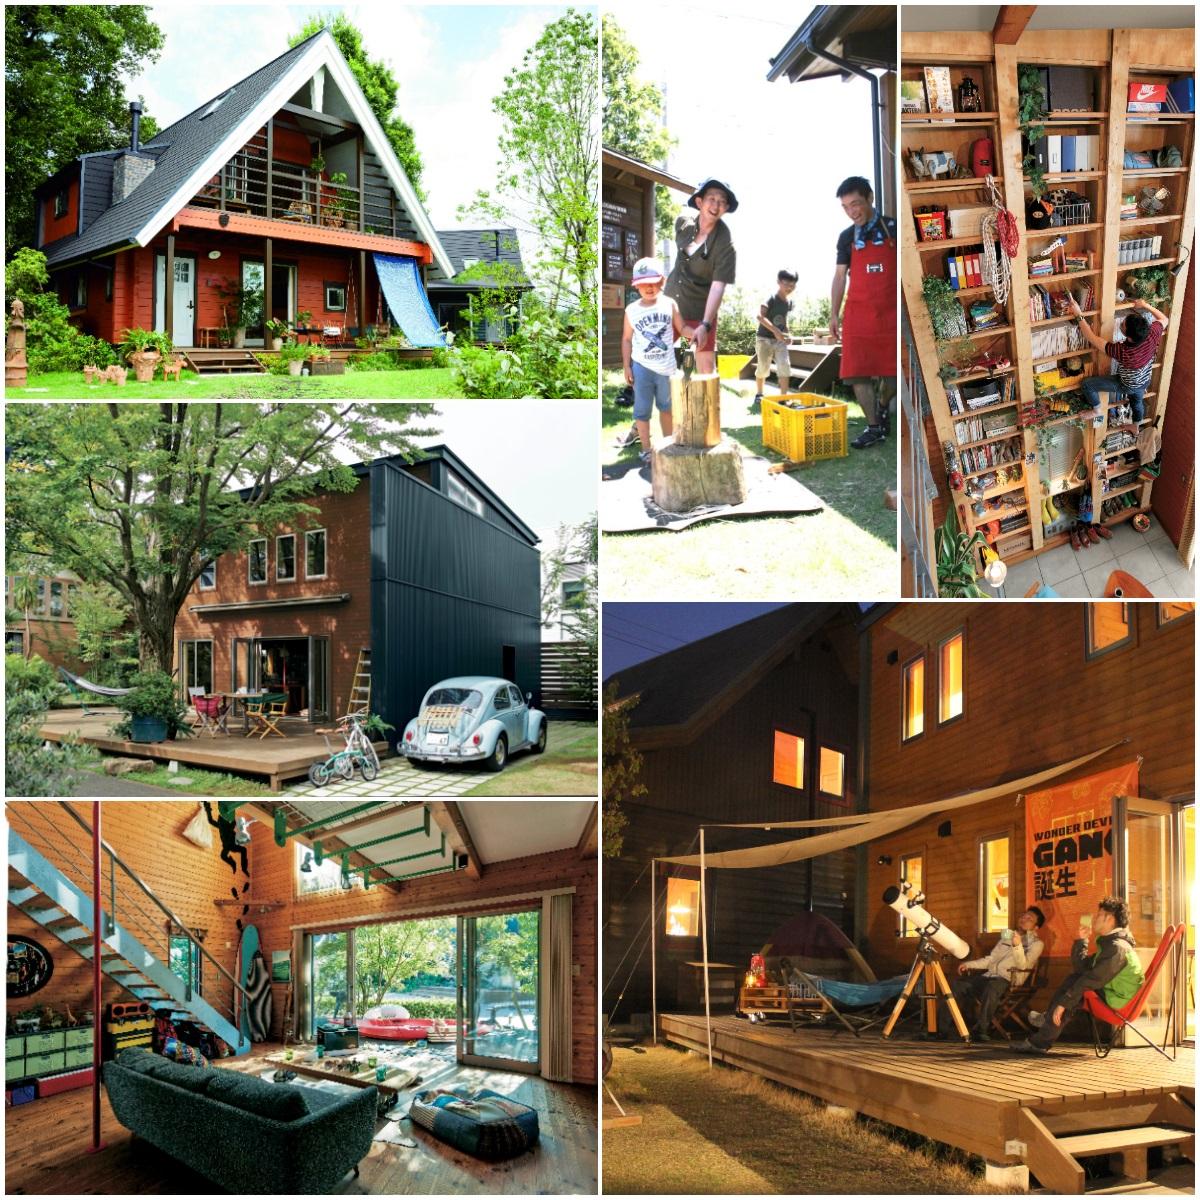 LOGWAY BESS金沢 北陸唯一のBESSで暮らし体験!家族で1棟貸し切って、薪割りやDIYを楽しもう。